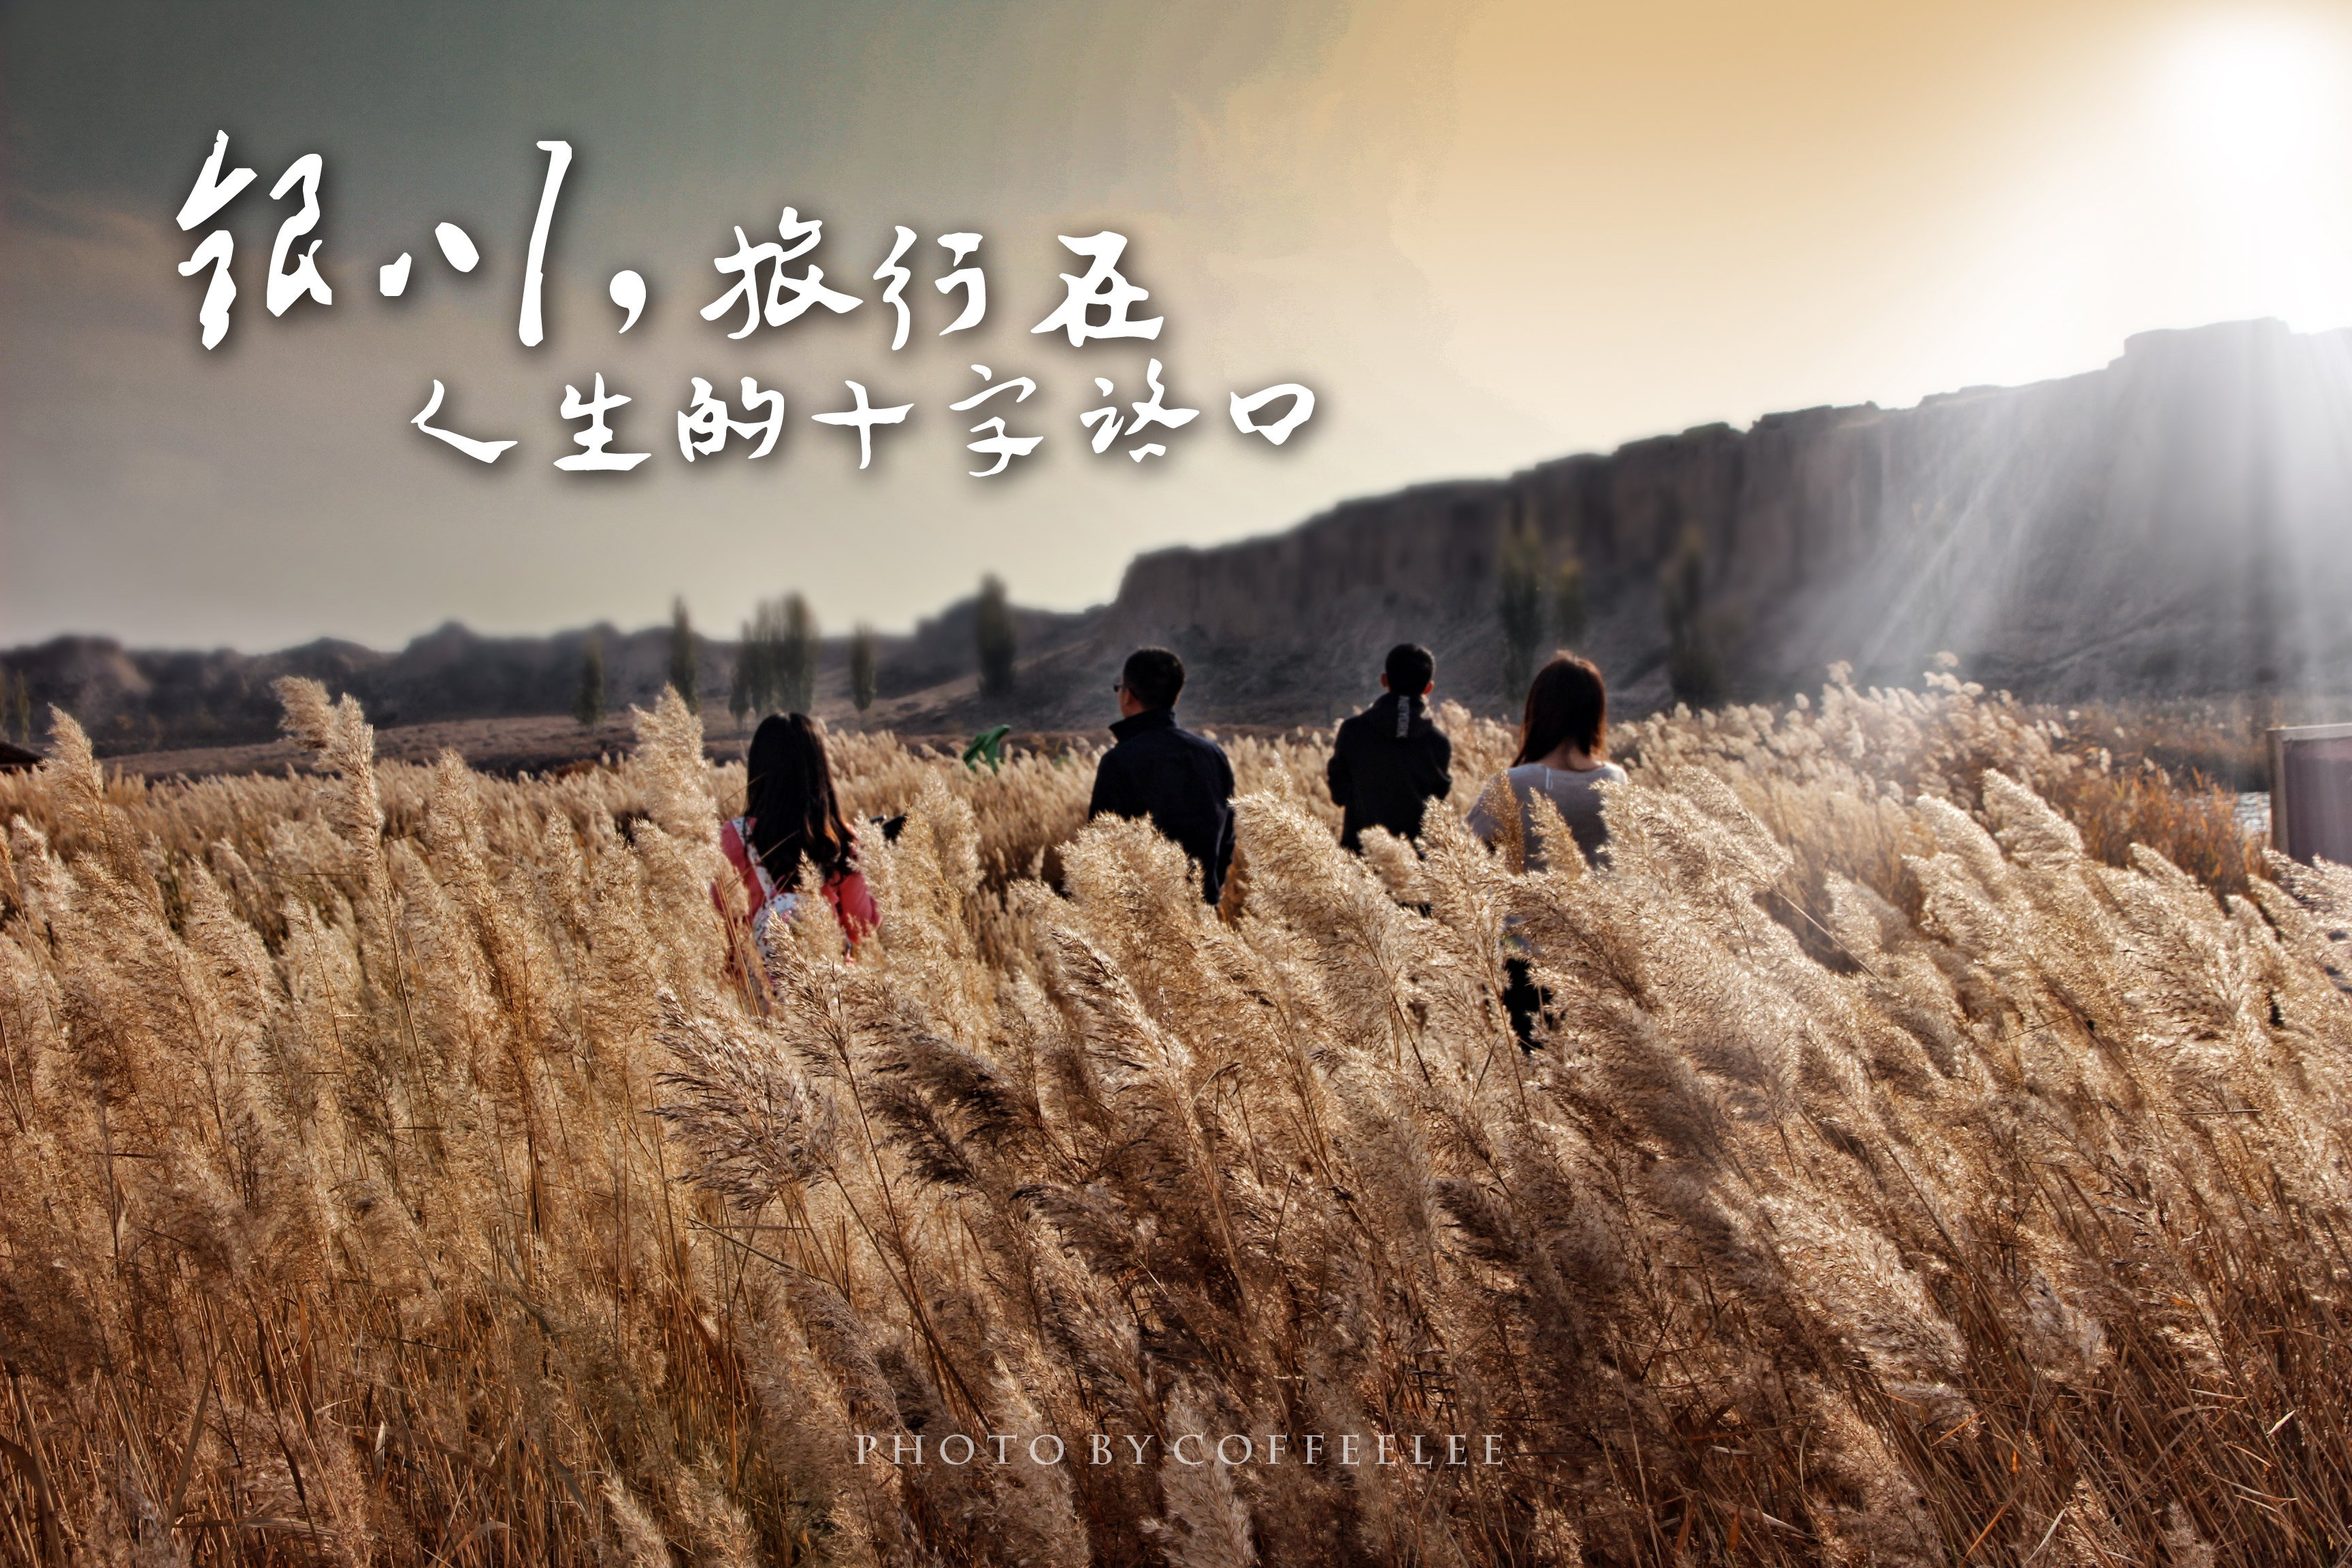 【小锋】银川,旅行在人生的十字路口